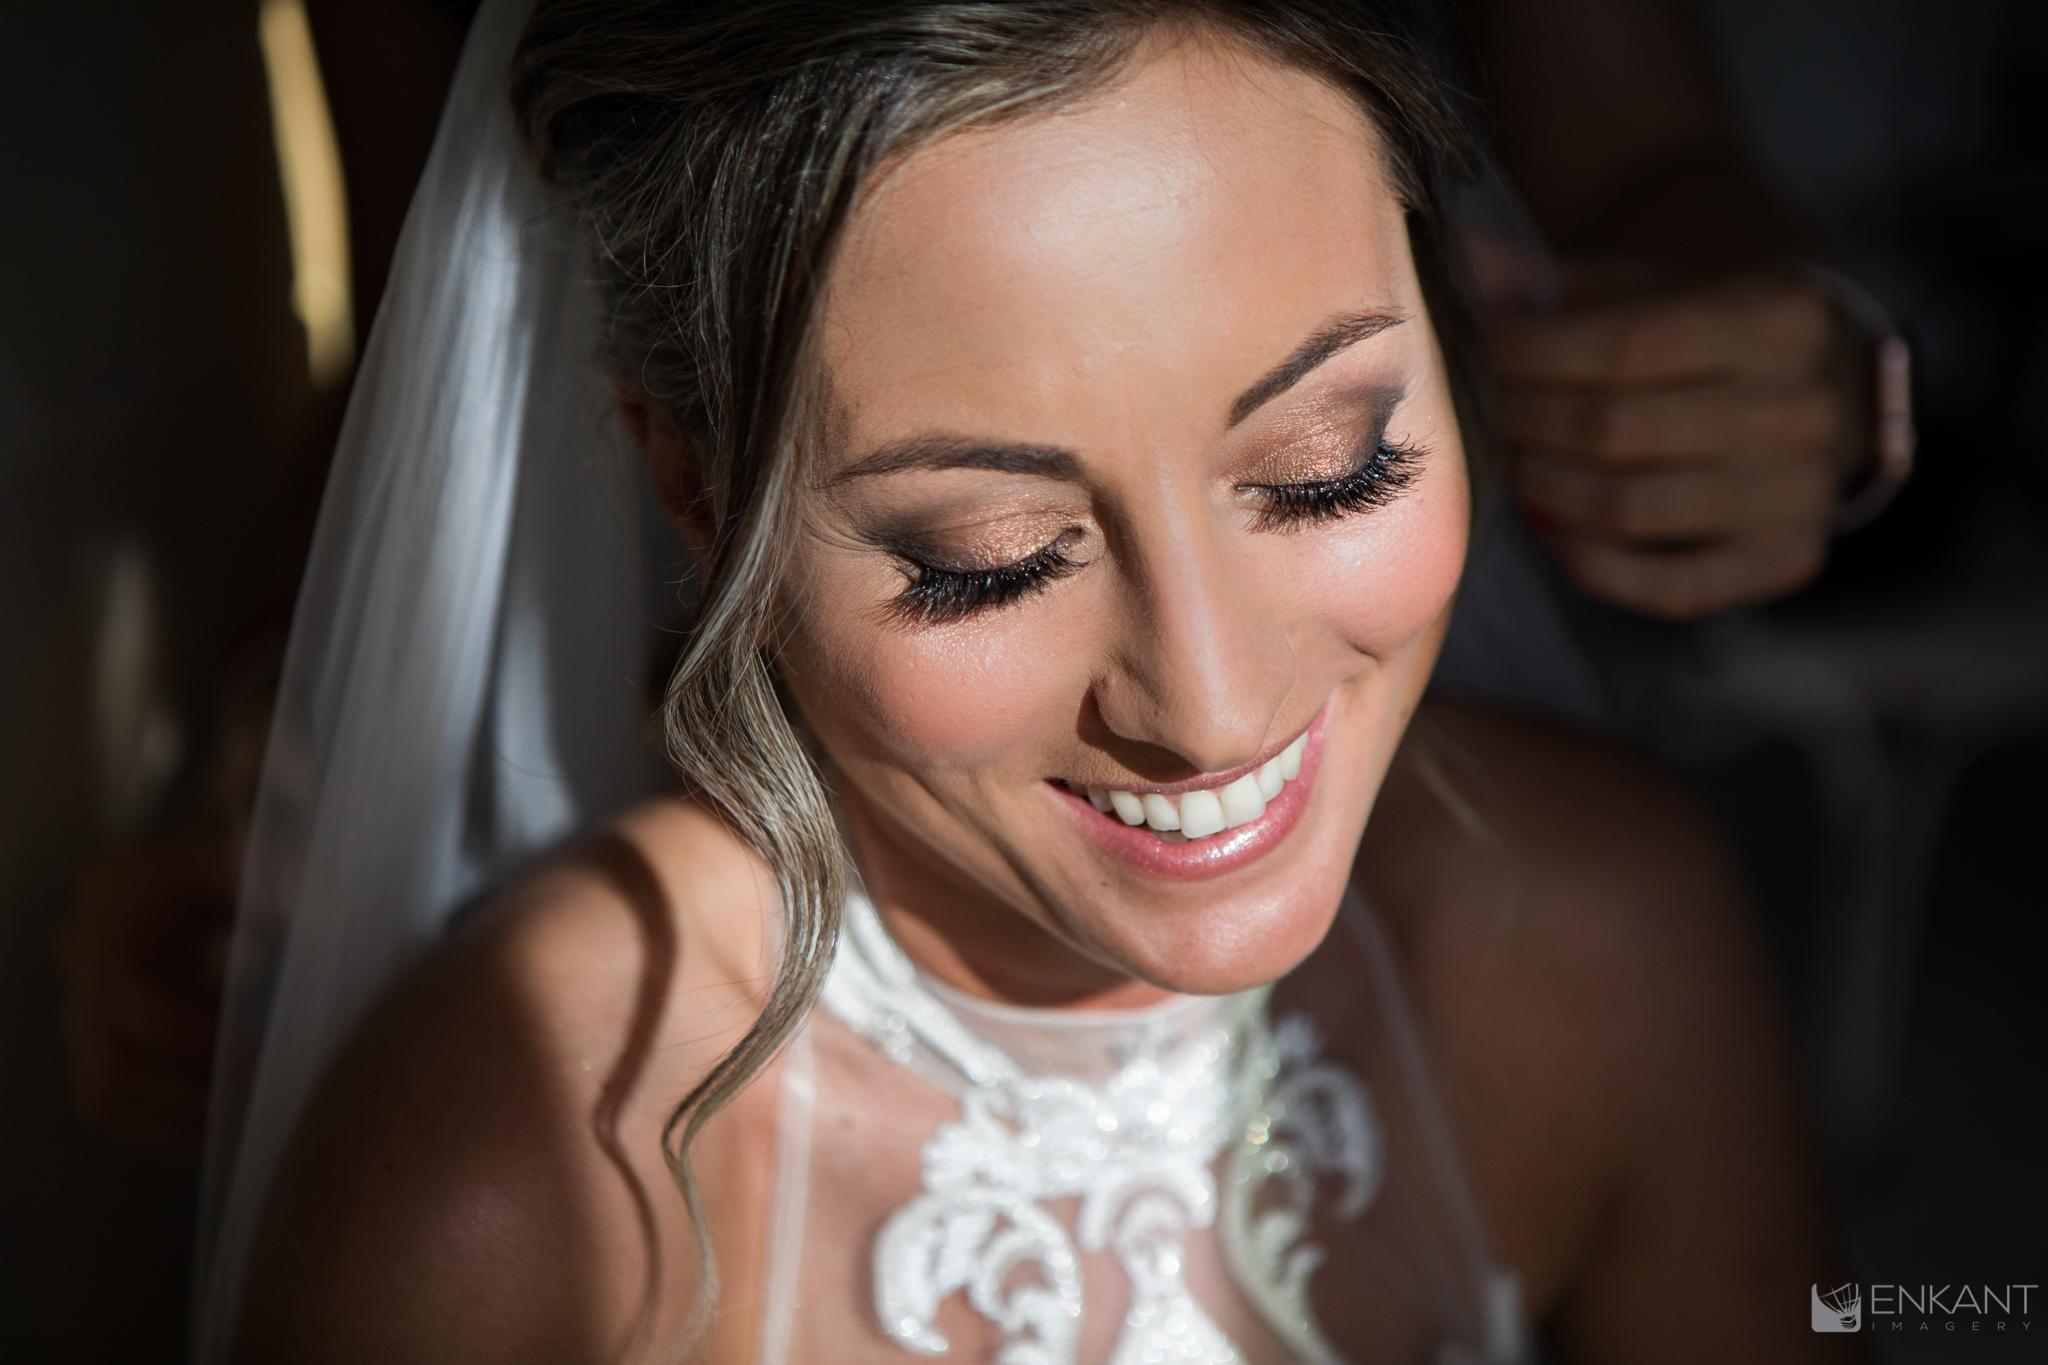 foto-matrimonio-enkant-noto-dimoradellebalze-17.jpg